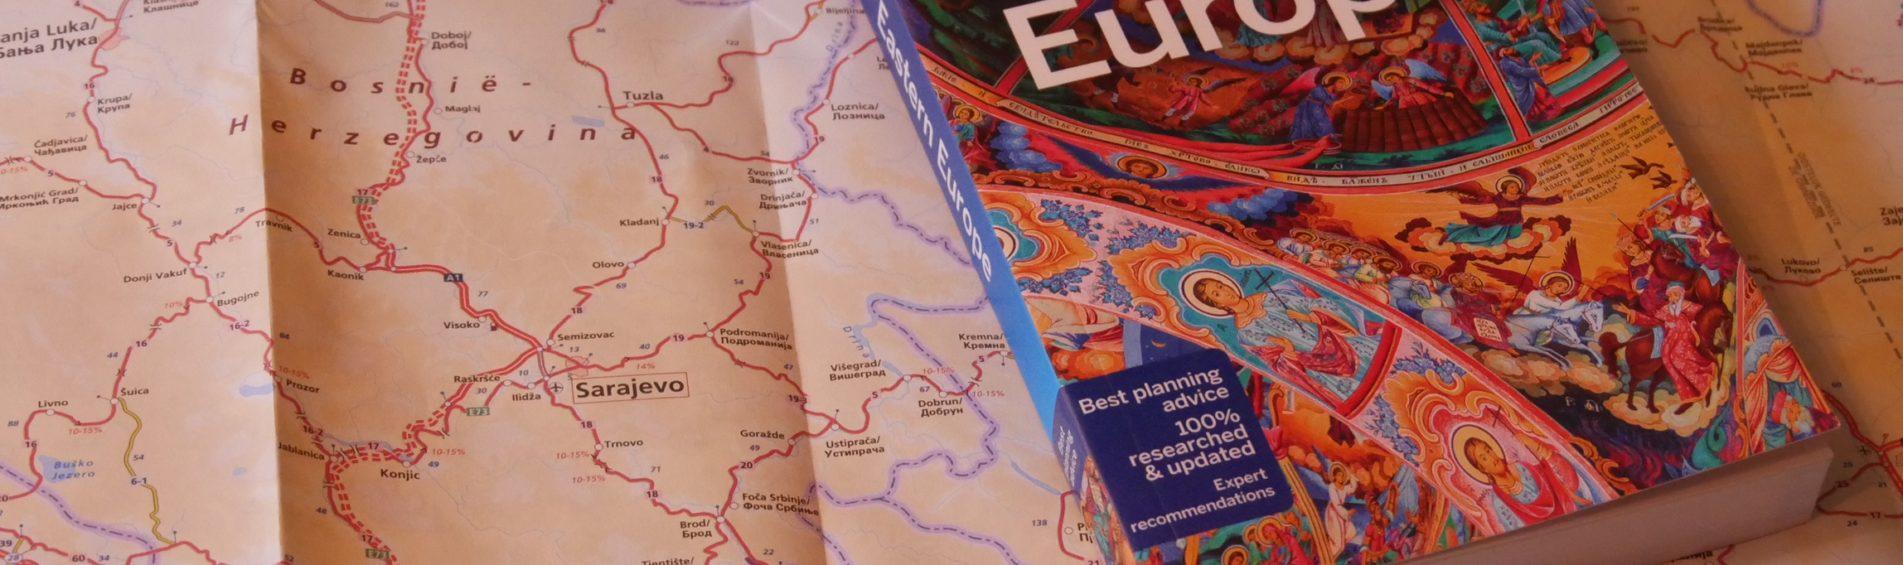 Nieuwe reisplannen voor 2018